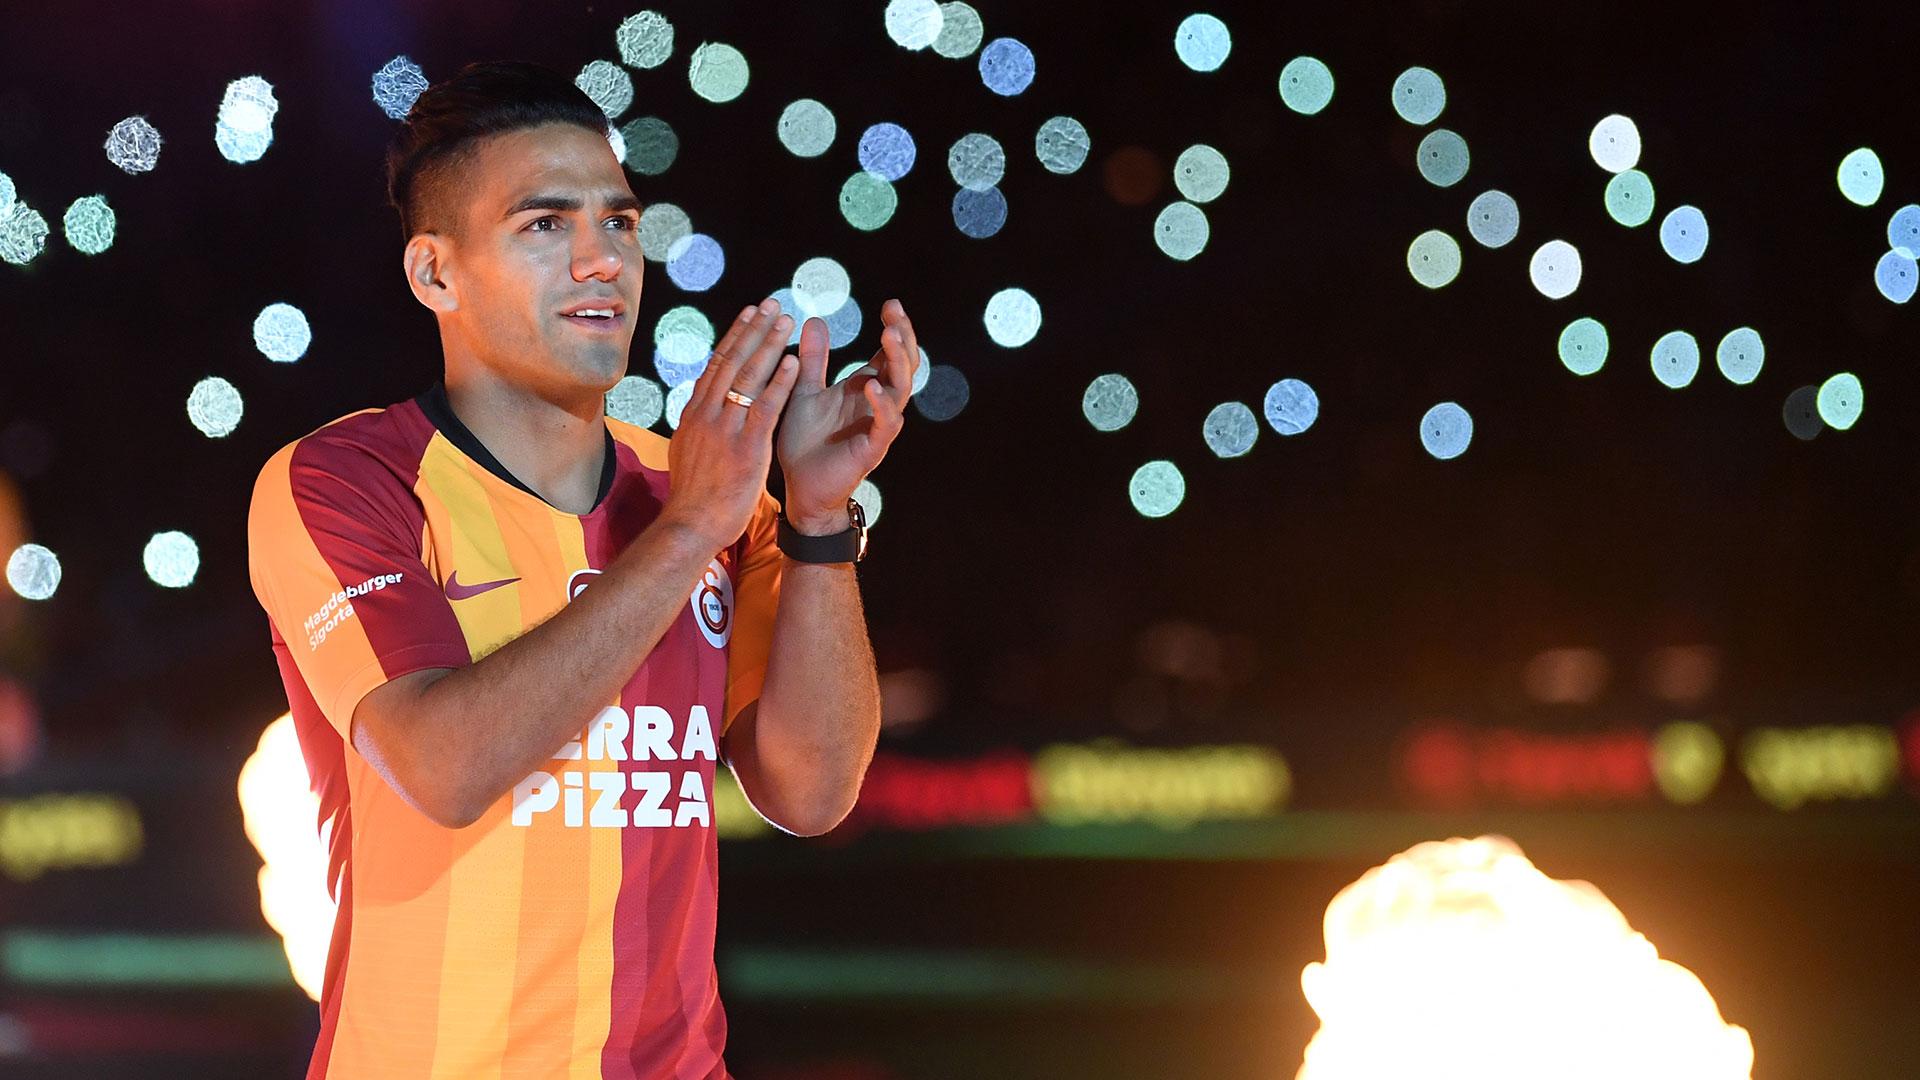 Falcao llegó a Estambul el domingo por la noche en avión privado y fue recibido con bengalas y gritos por miles de seguidores del Galatasaray, que habían seguido durante semanas los rumores sobre el fichaje del colombiano